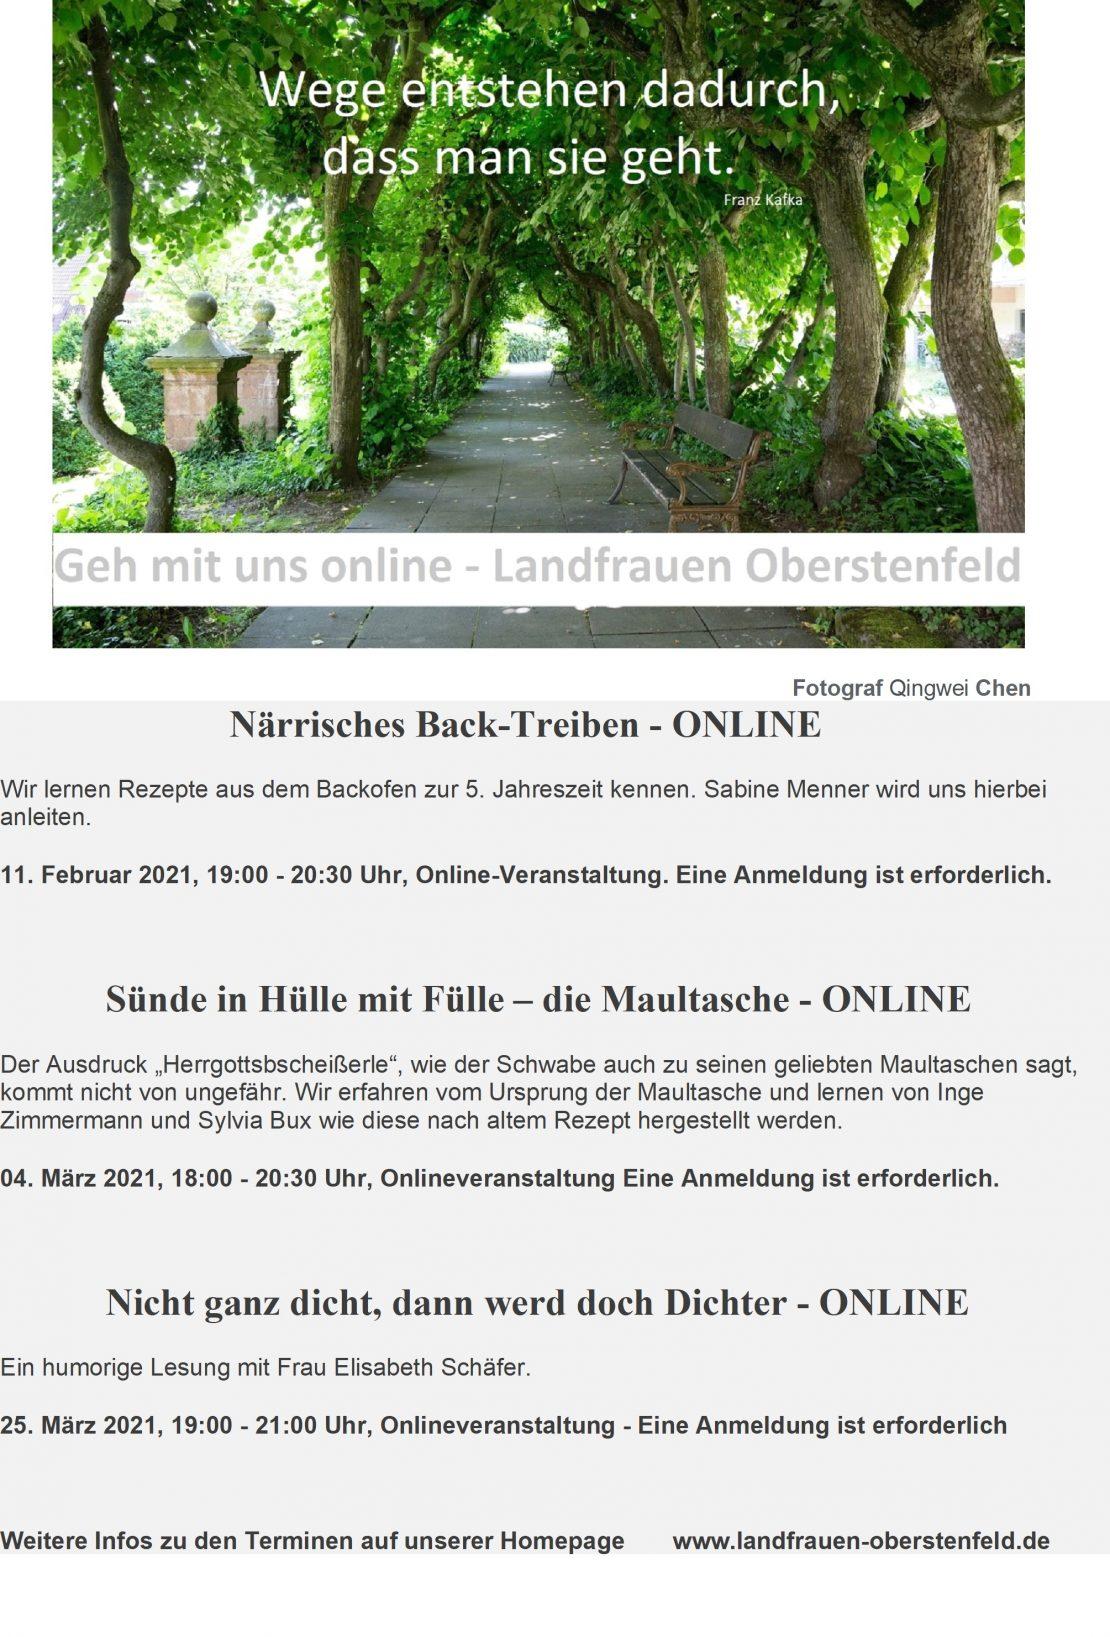 Geh mit uns online Foto Weg Stiftsgarten